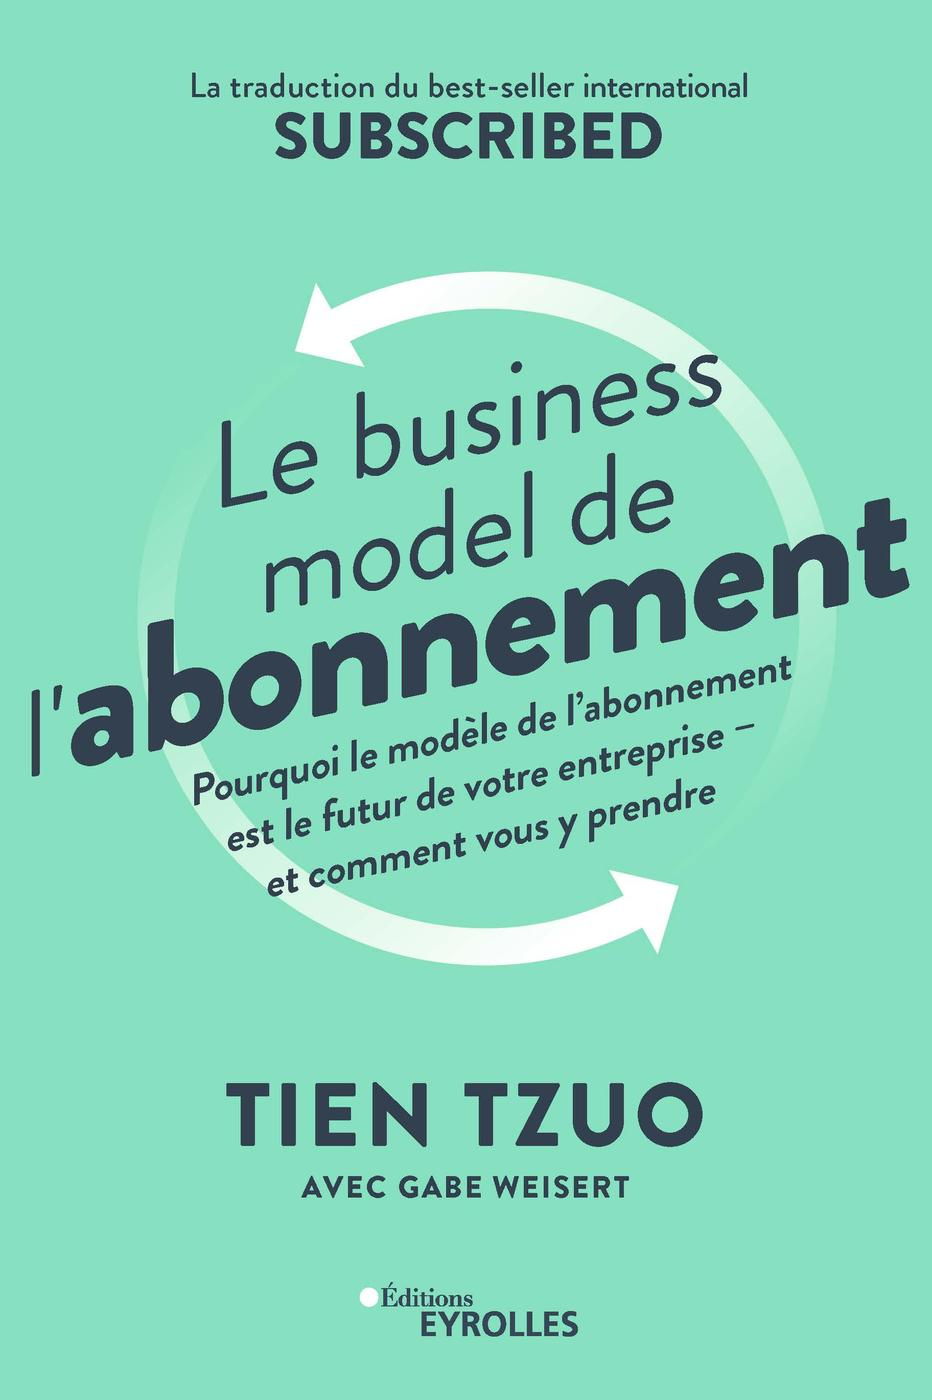 Le-business-model-de-labonnement